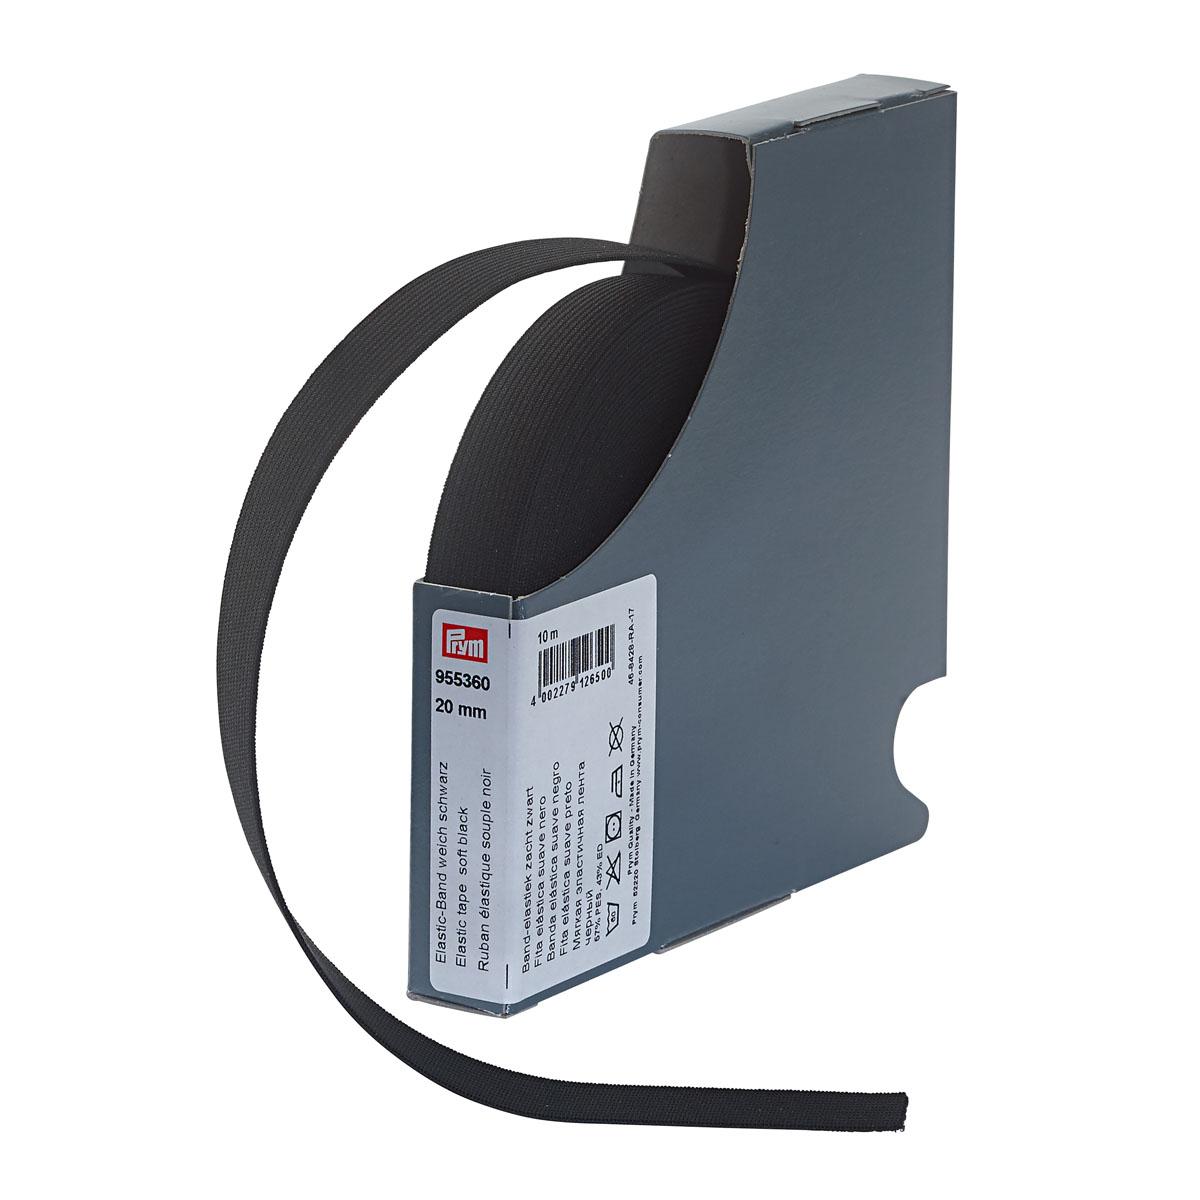 955360 Мягкая эластичная лента 20 мм черный цв. Prym